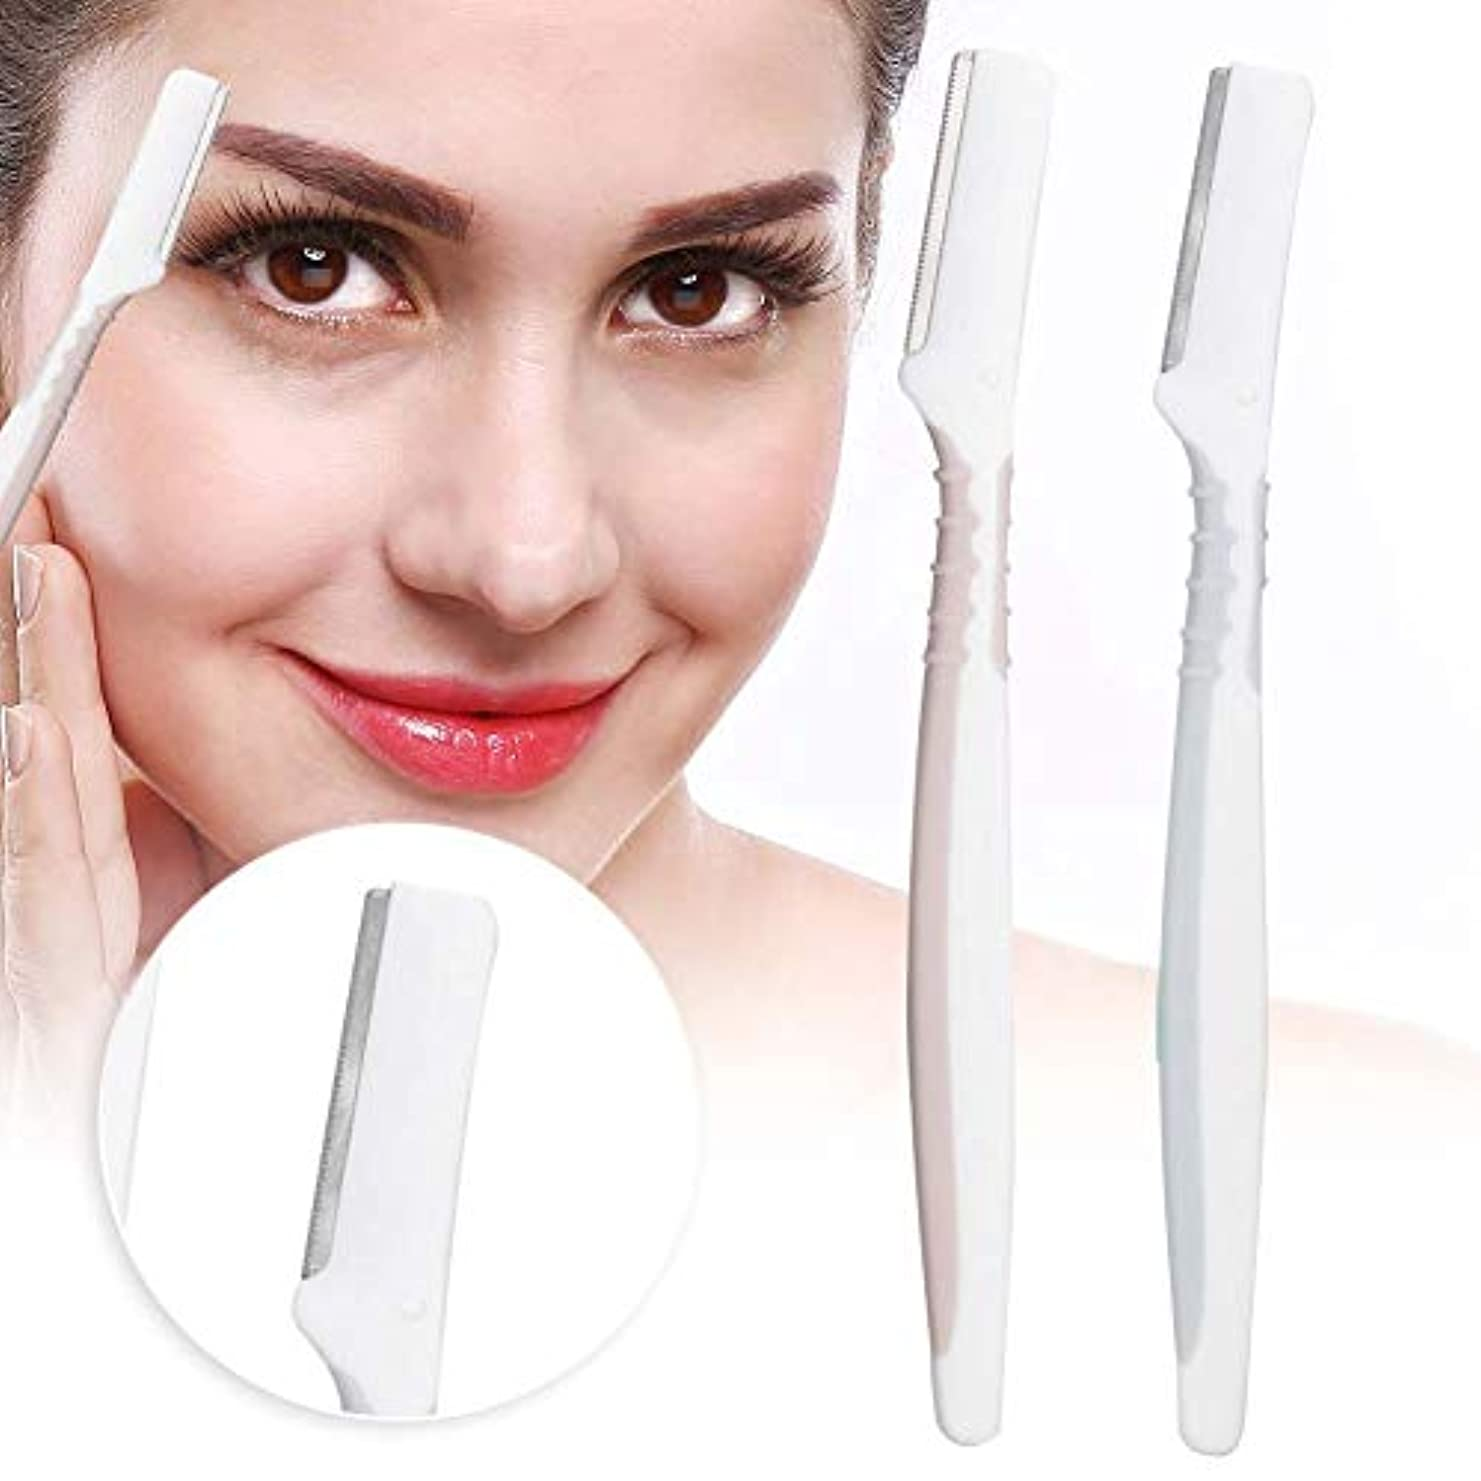 清める手紙を書く調整可能2pcs眉毛かみそり - 女性と男性の顔の毛の除去剤、シェイパーシェーバー女性と男性の顔の除去剤